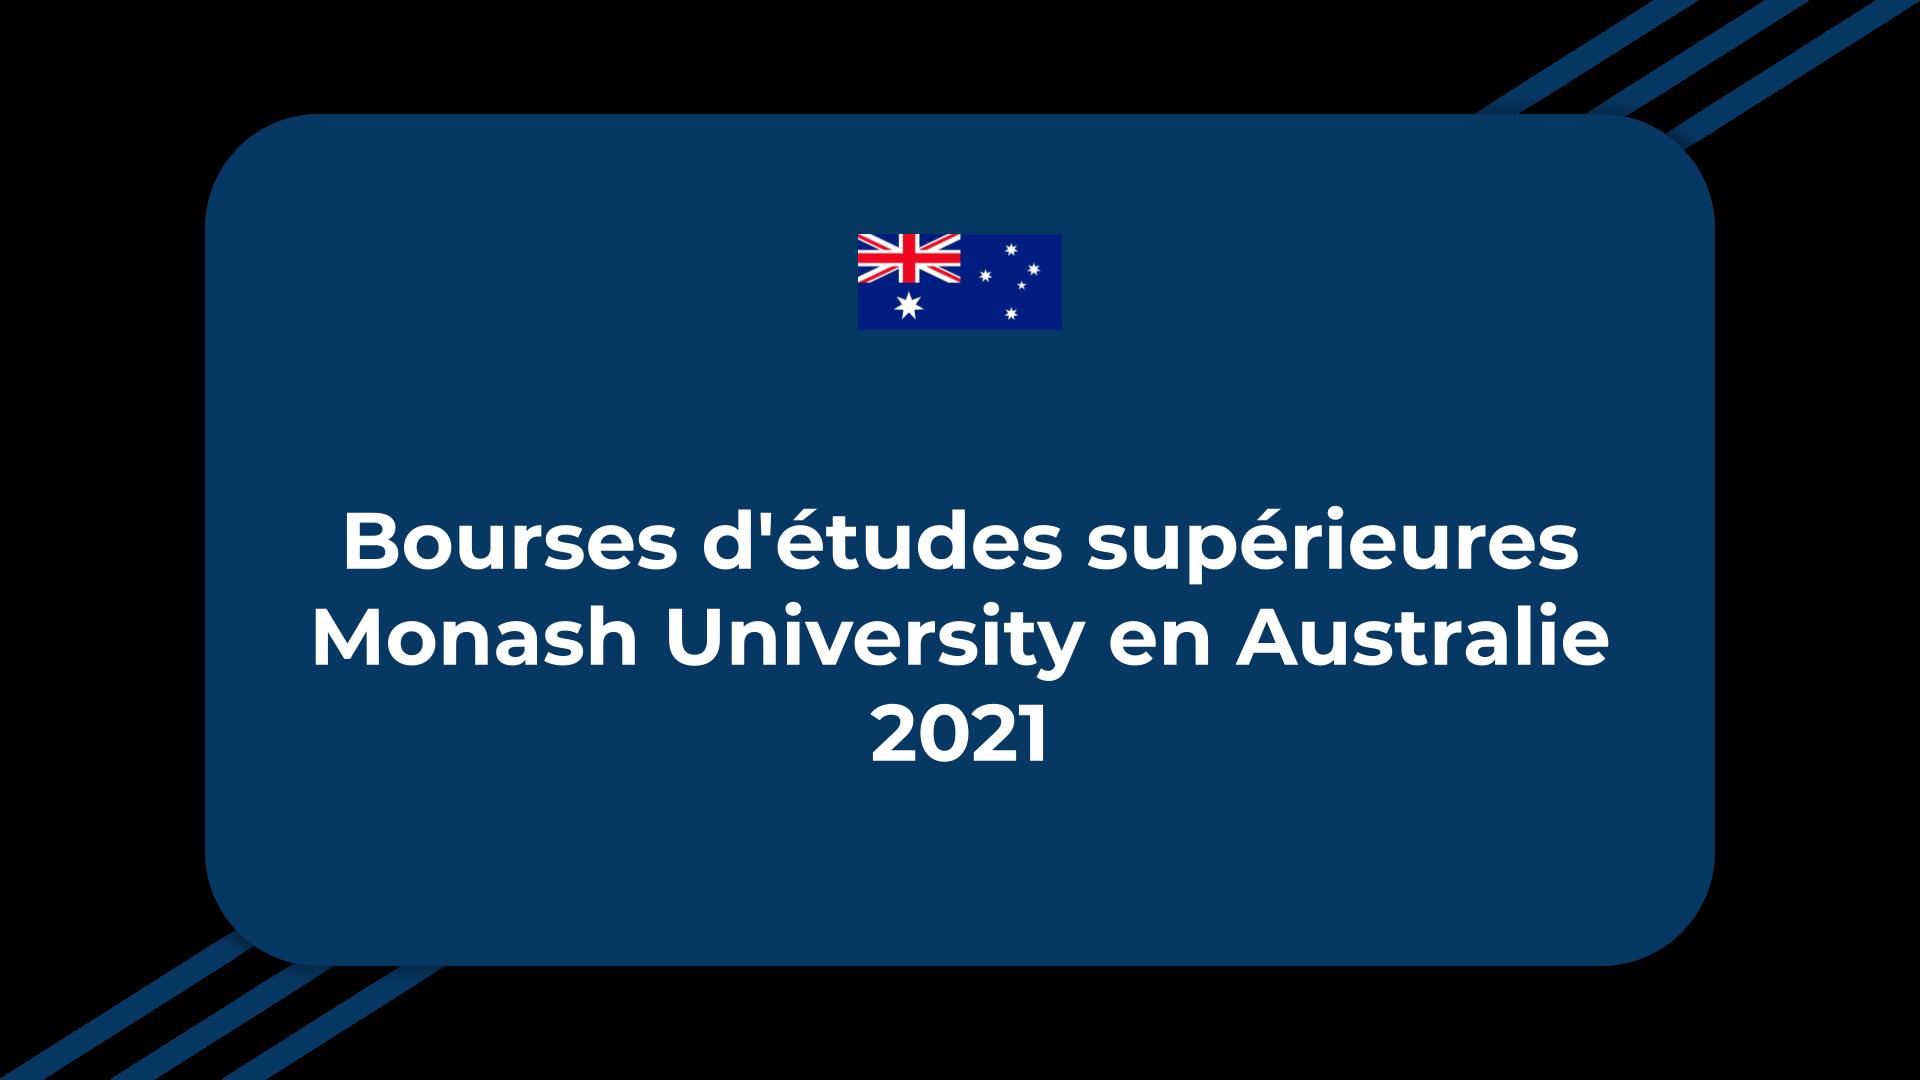 Bourses d'études supérieures Monash University